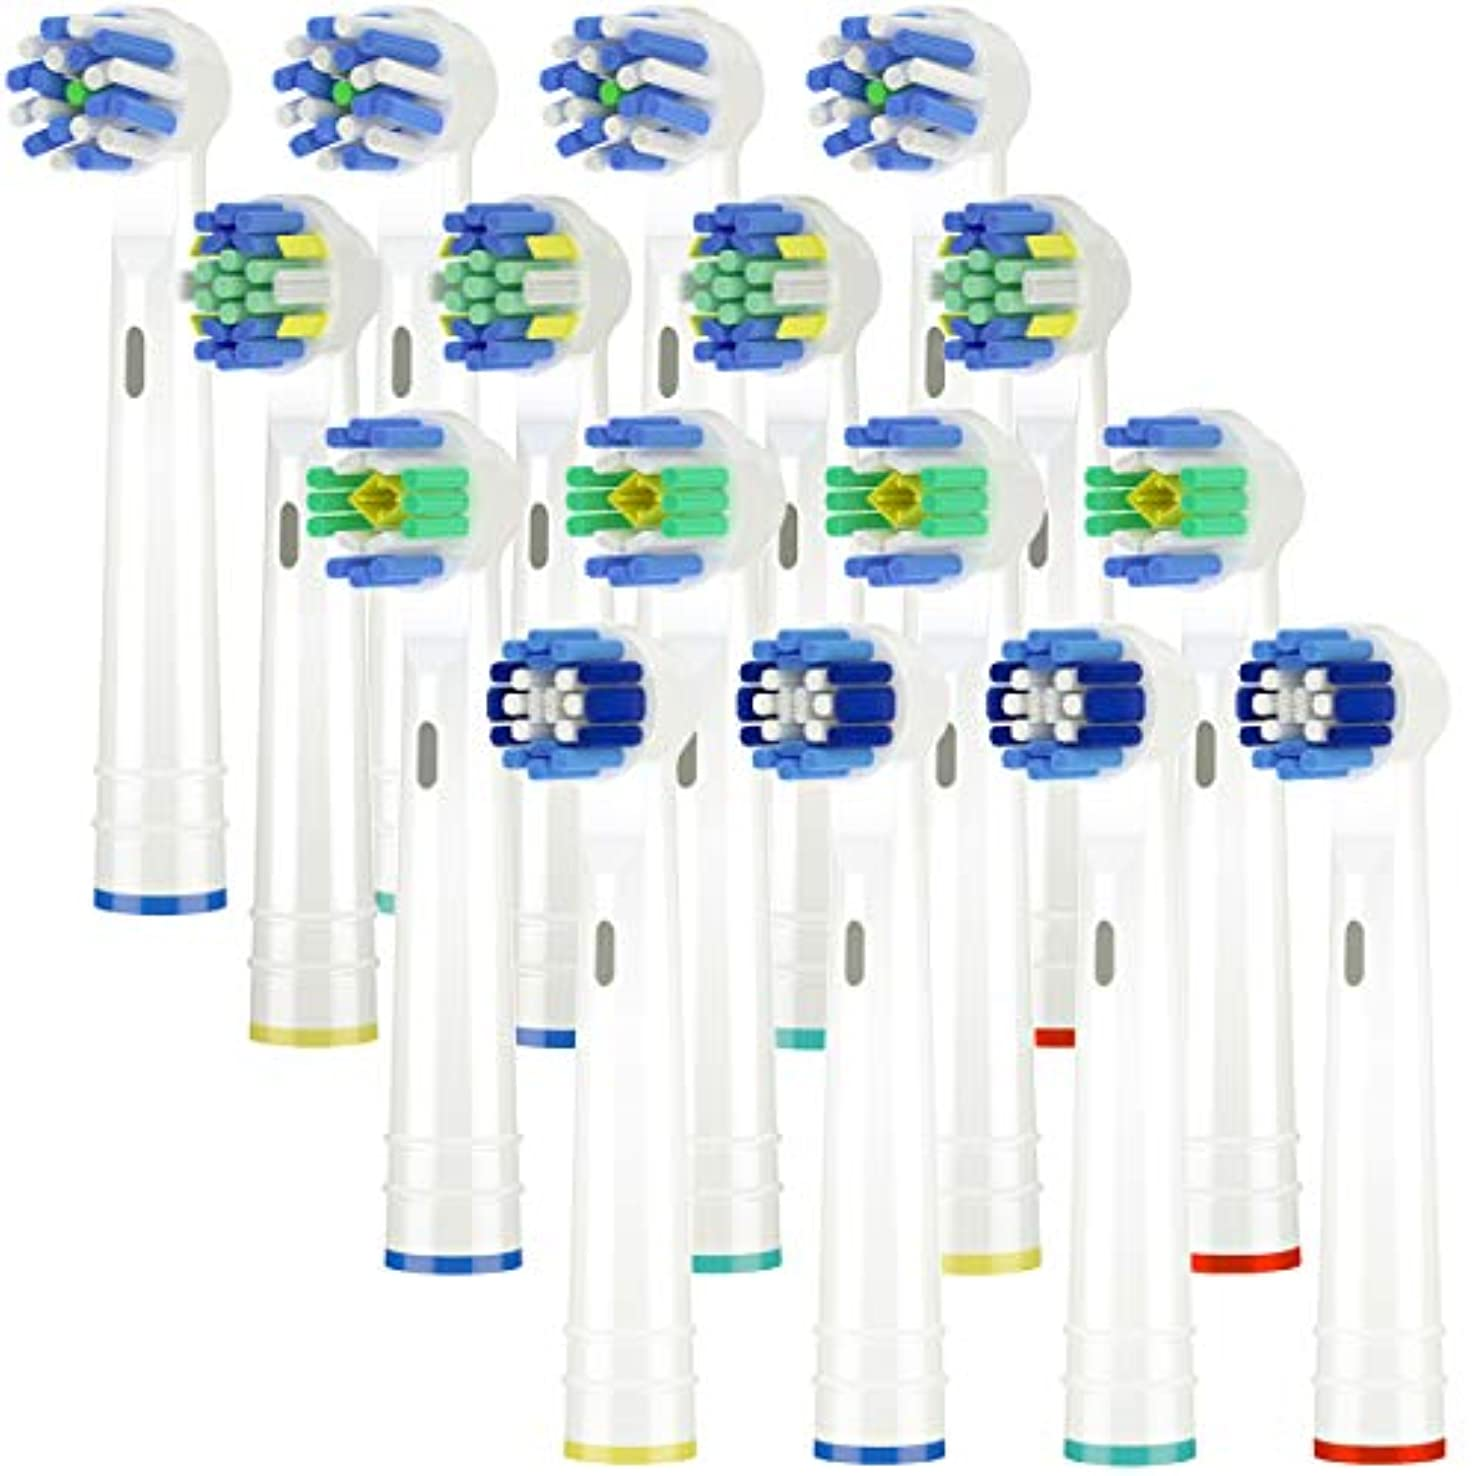 差別懐疑論追い払うItechnik 電動歯ブラシ 替えブラシ ブラウン オーラルB 対応 替えブラシ 4種類が入り:ホワイトニングブラシ 、ベーシックブラシ、歯間ワイパー付きブラシ、マルチアクションブラシ 凡用な16本